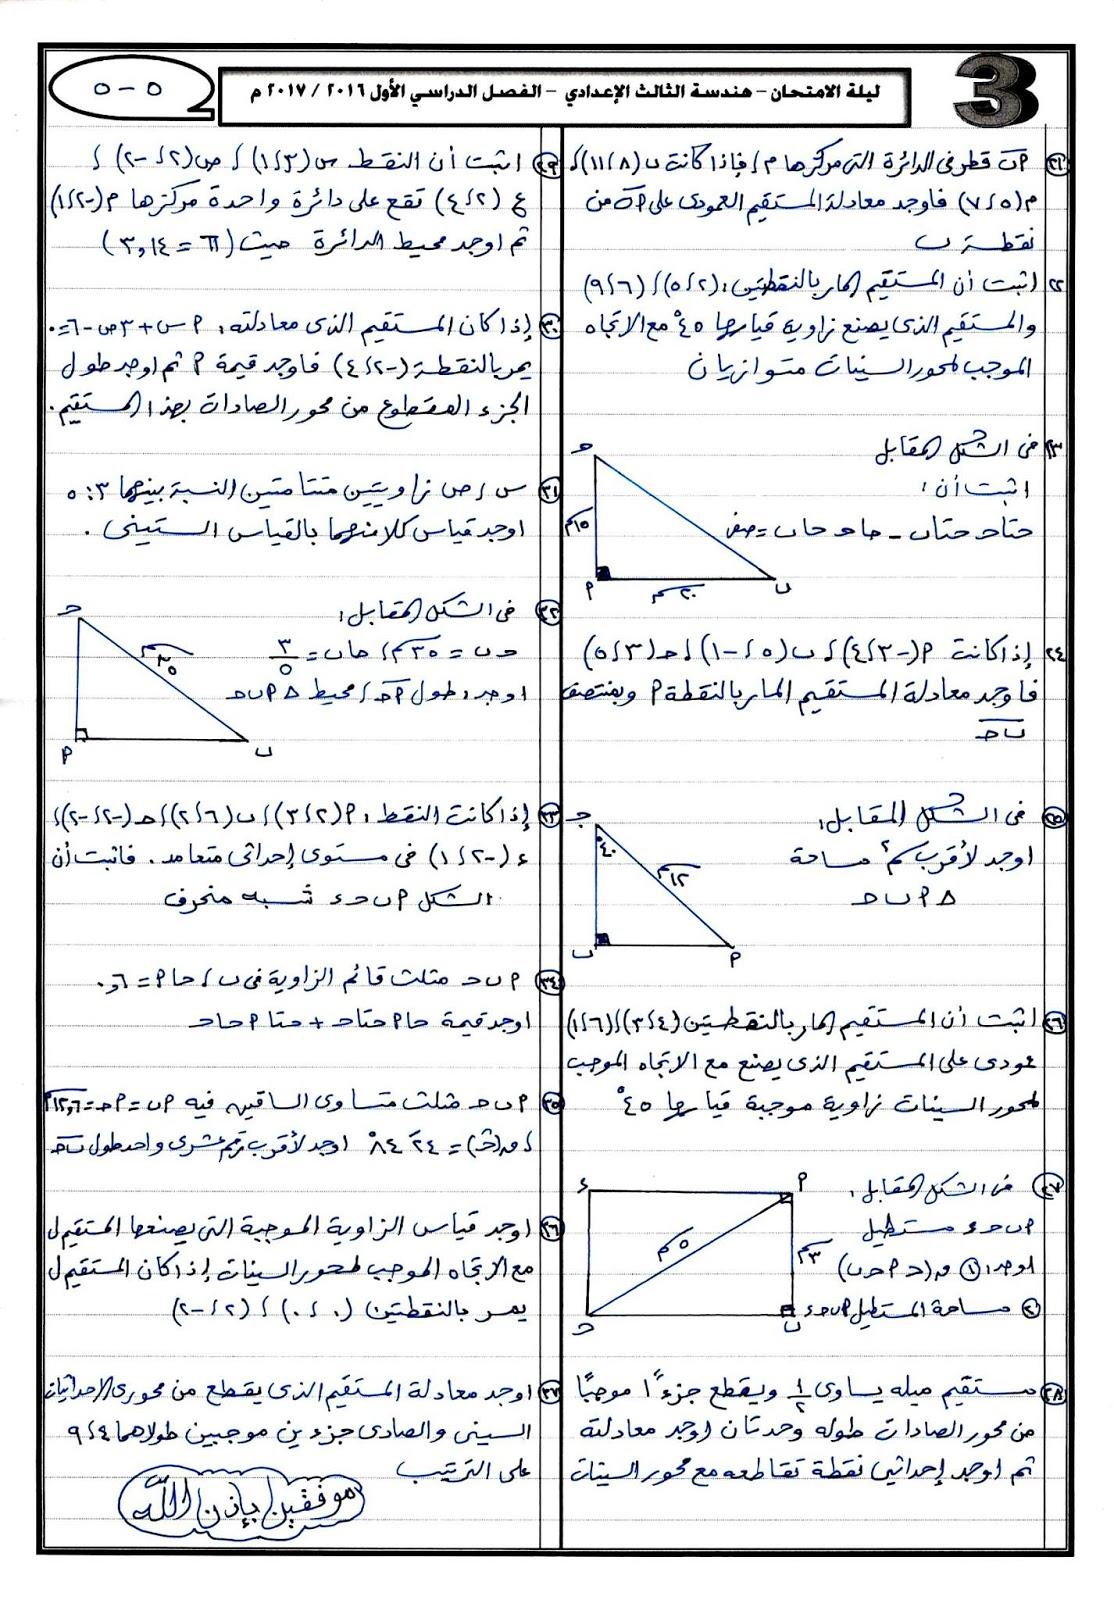 أسئلة الهندسة المتوقعة الصف الثالث الاعدادى